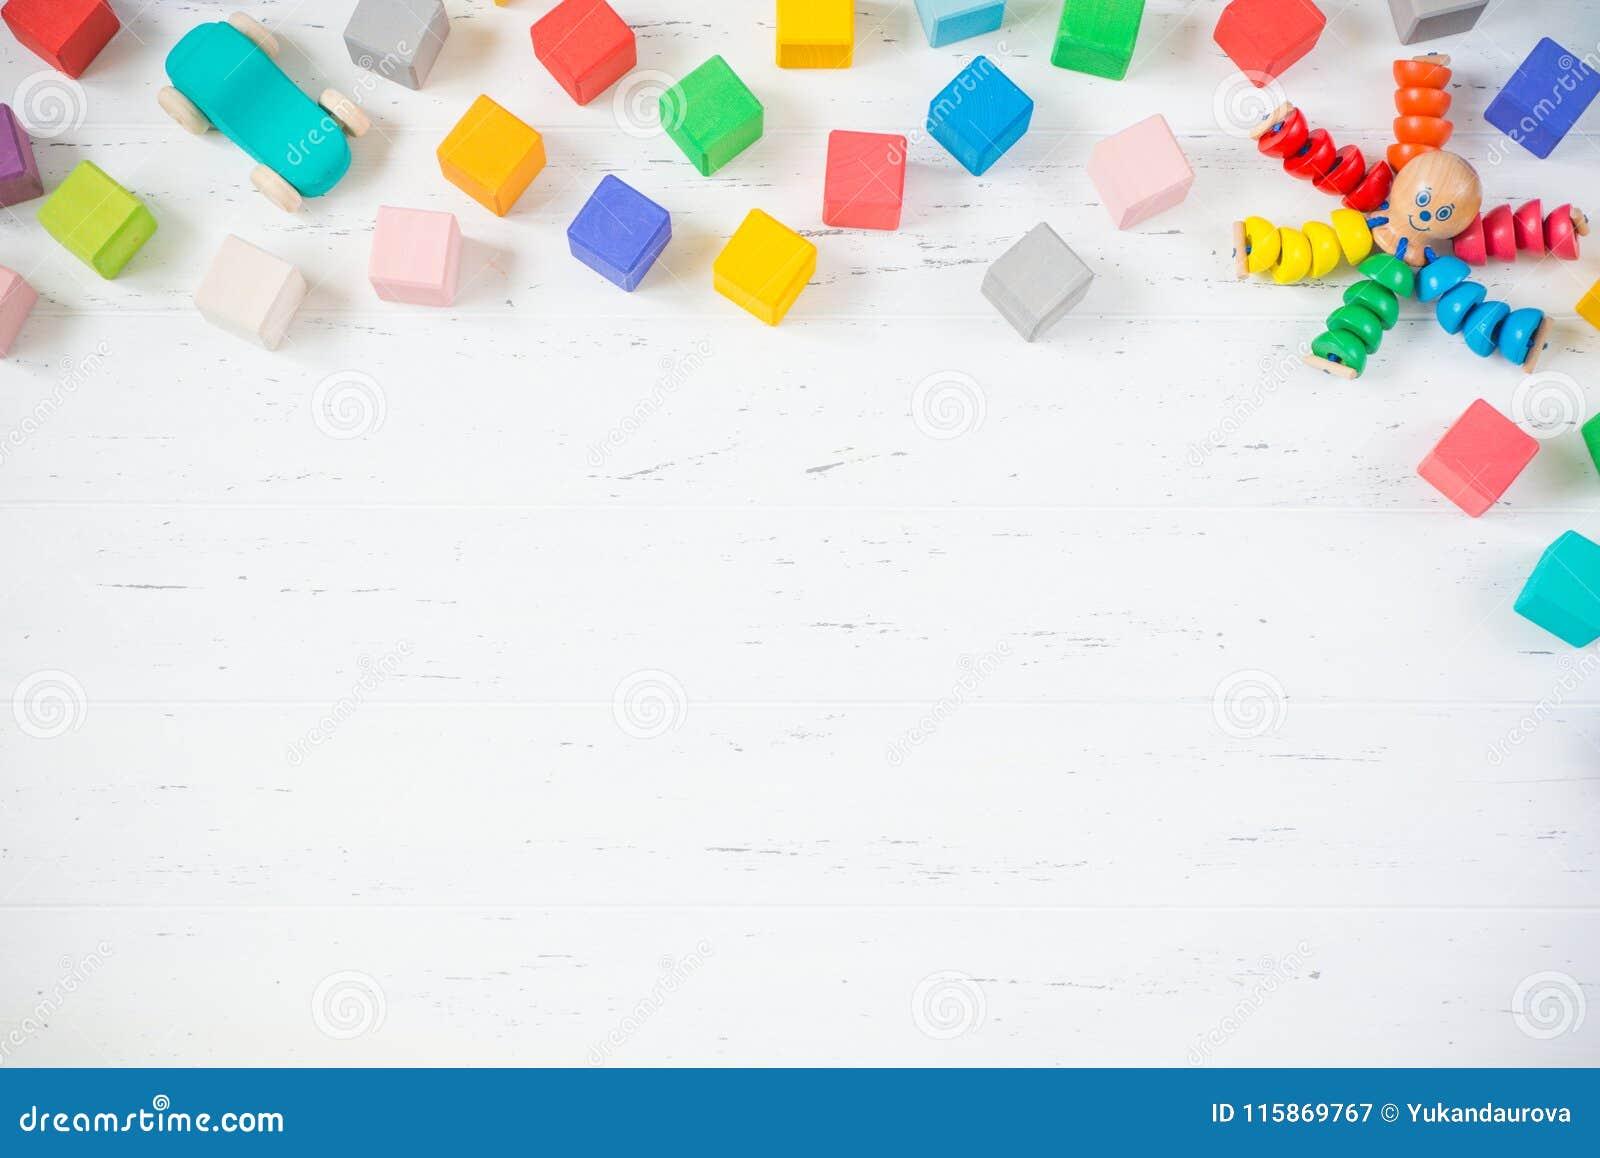 Kids Toys Frame Wooden Blocks, Octopus, Car On White Wooden ...